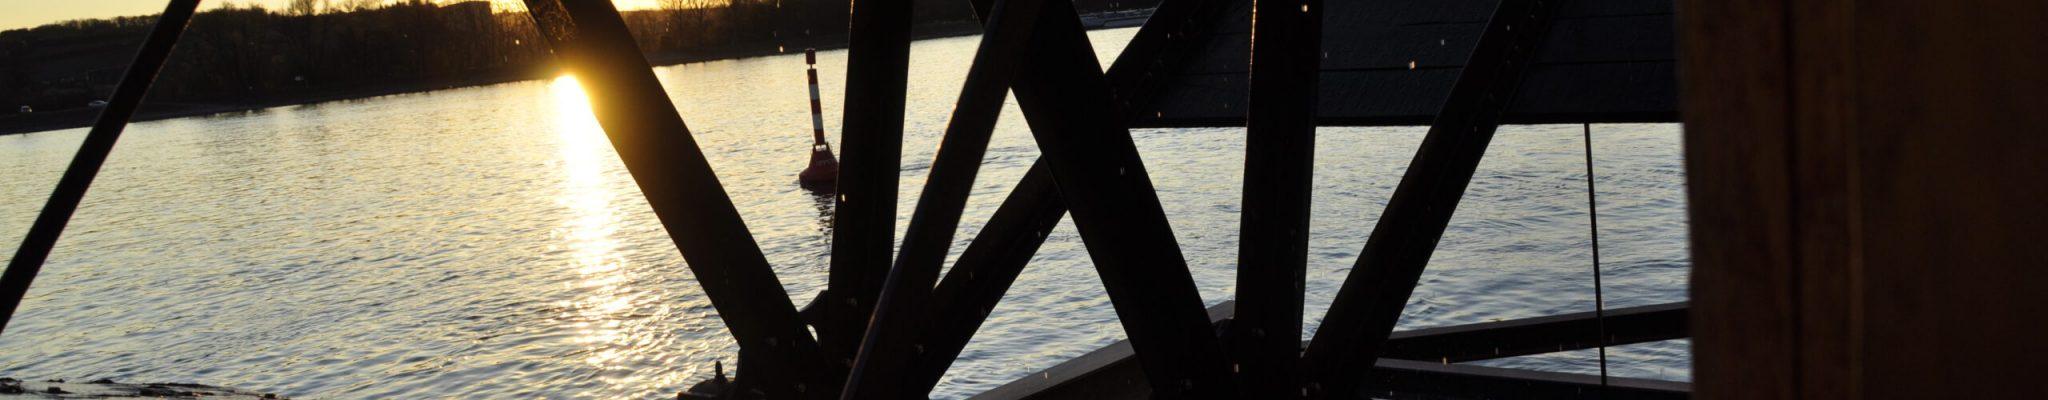 Mühle-25-3-2012 (75)